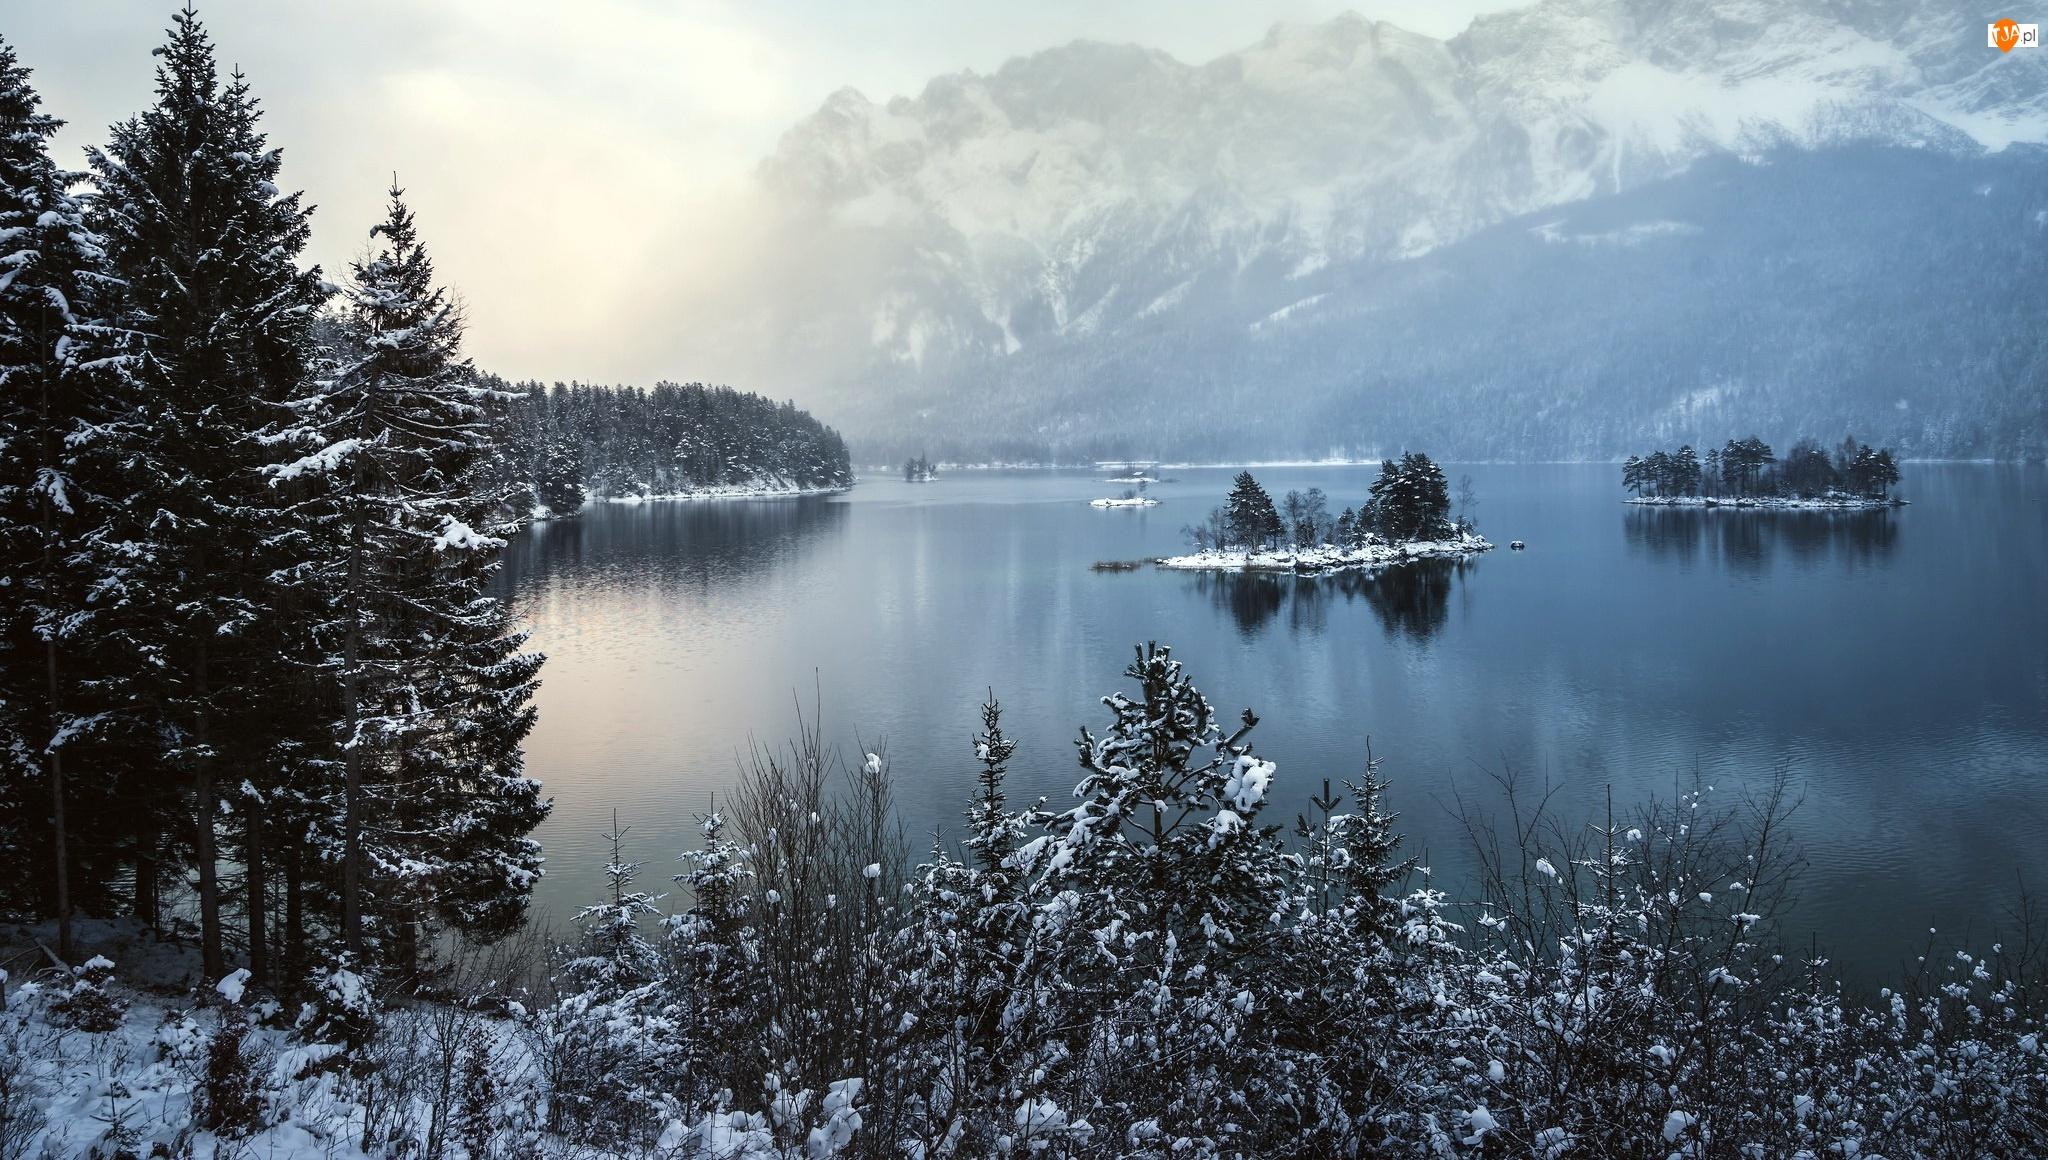 Bawaria, Zima, Góry, Niemcy, Drzewa, Jezioro, Alpy Bawarskie